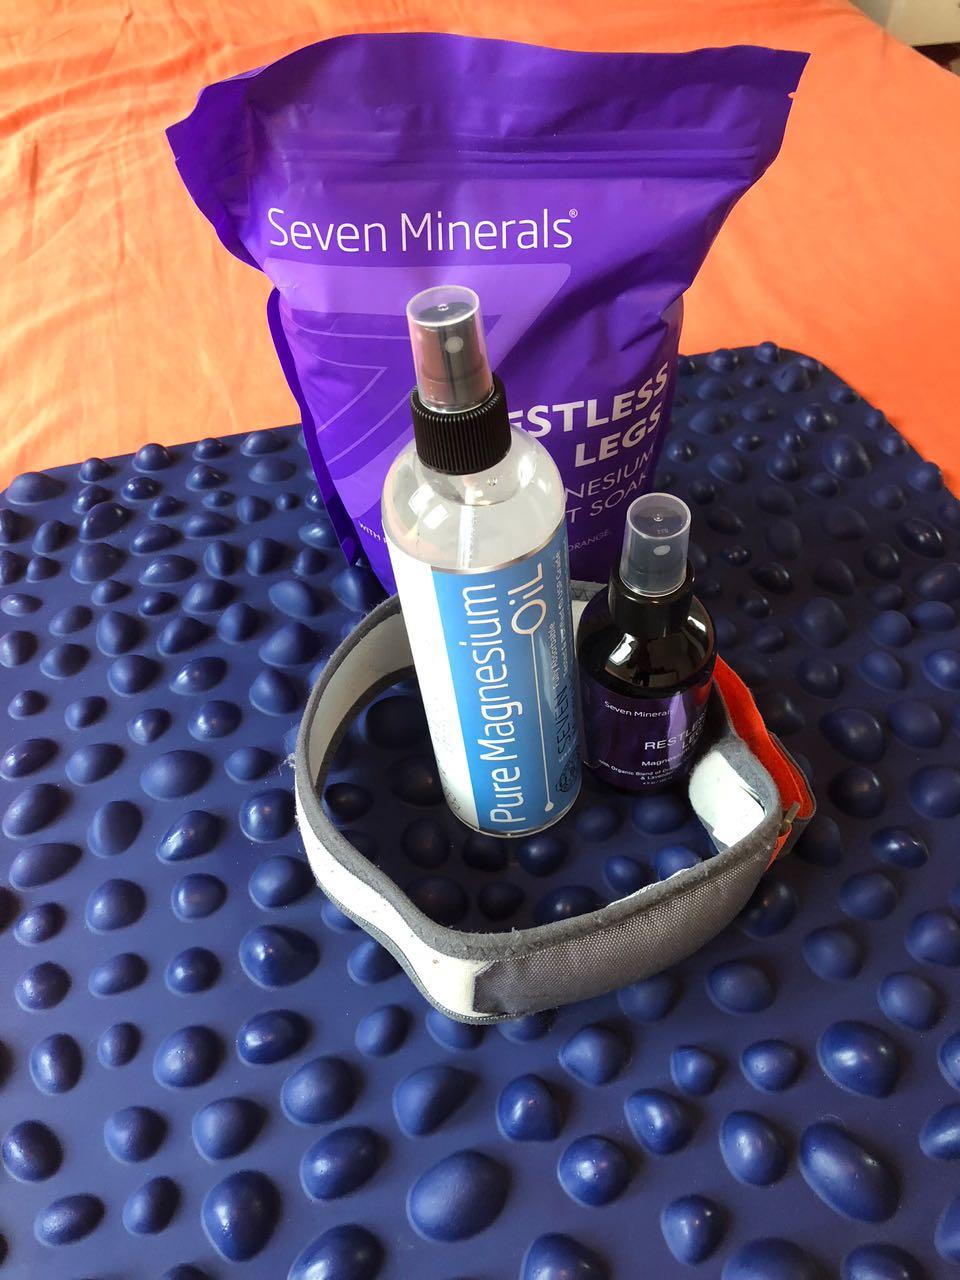 Das sind die Produkte, die ich für meine eigene Restless Legs Syndrom Therapie verwende. Ein goFit-Matte, Präparate von Seven Minerals und den Release 417.